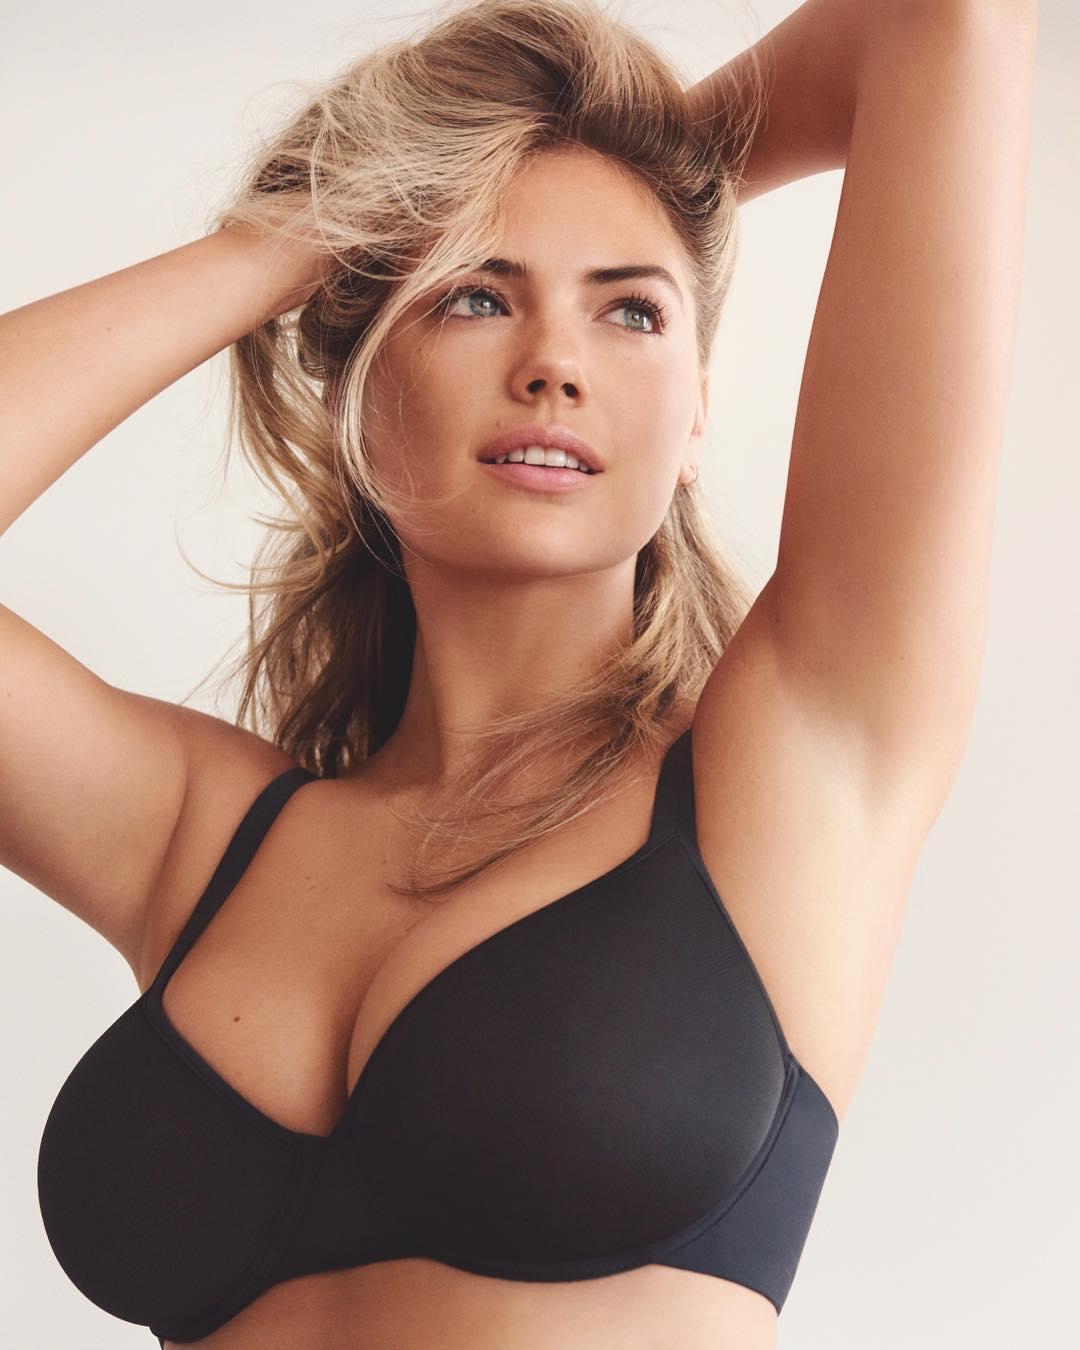 Смотреть фото пятый размер груди